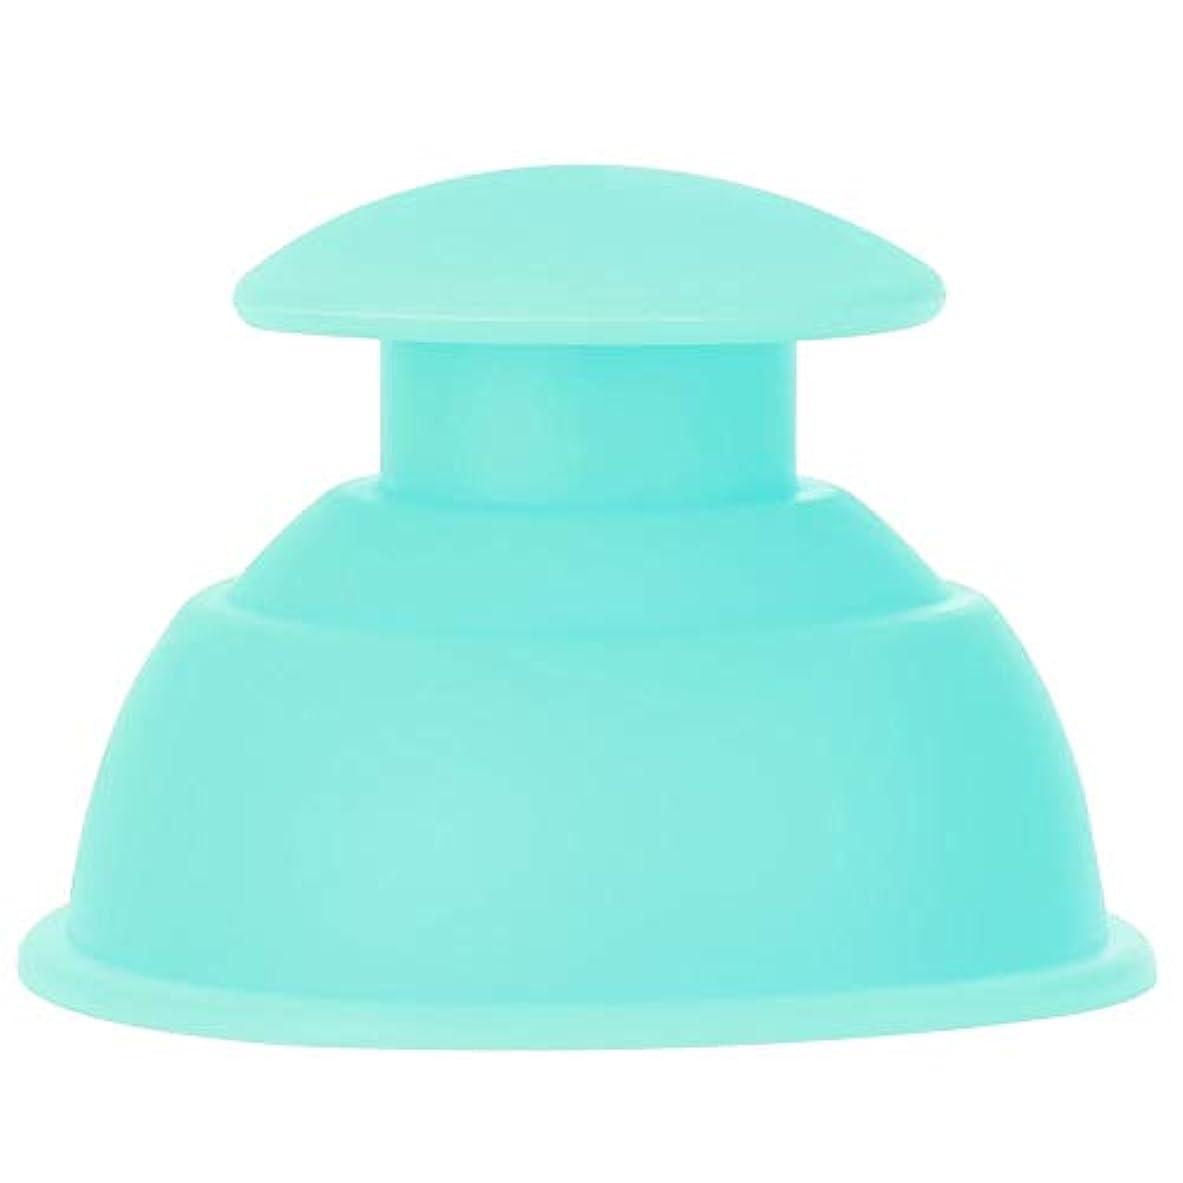 法王極小マナー7種類のカッピングカップマッサージセット、シリコーン水分吸収剤アンチセルライトバキュームによる 全身疲れの緩和(グリーン)